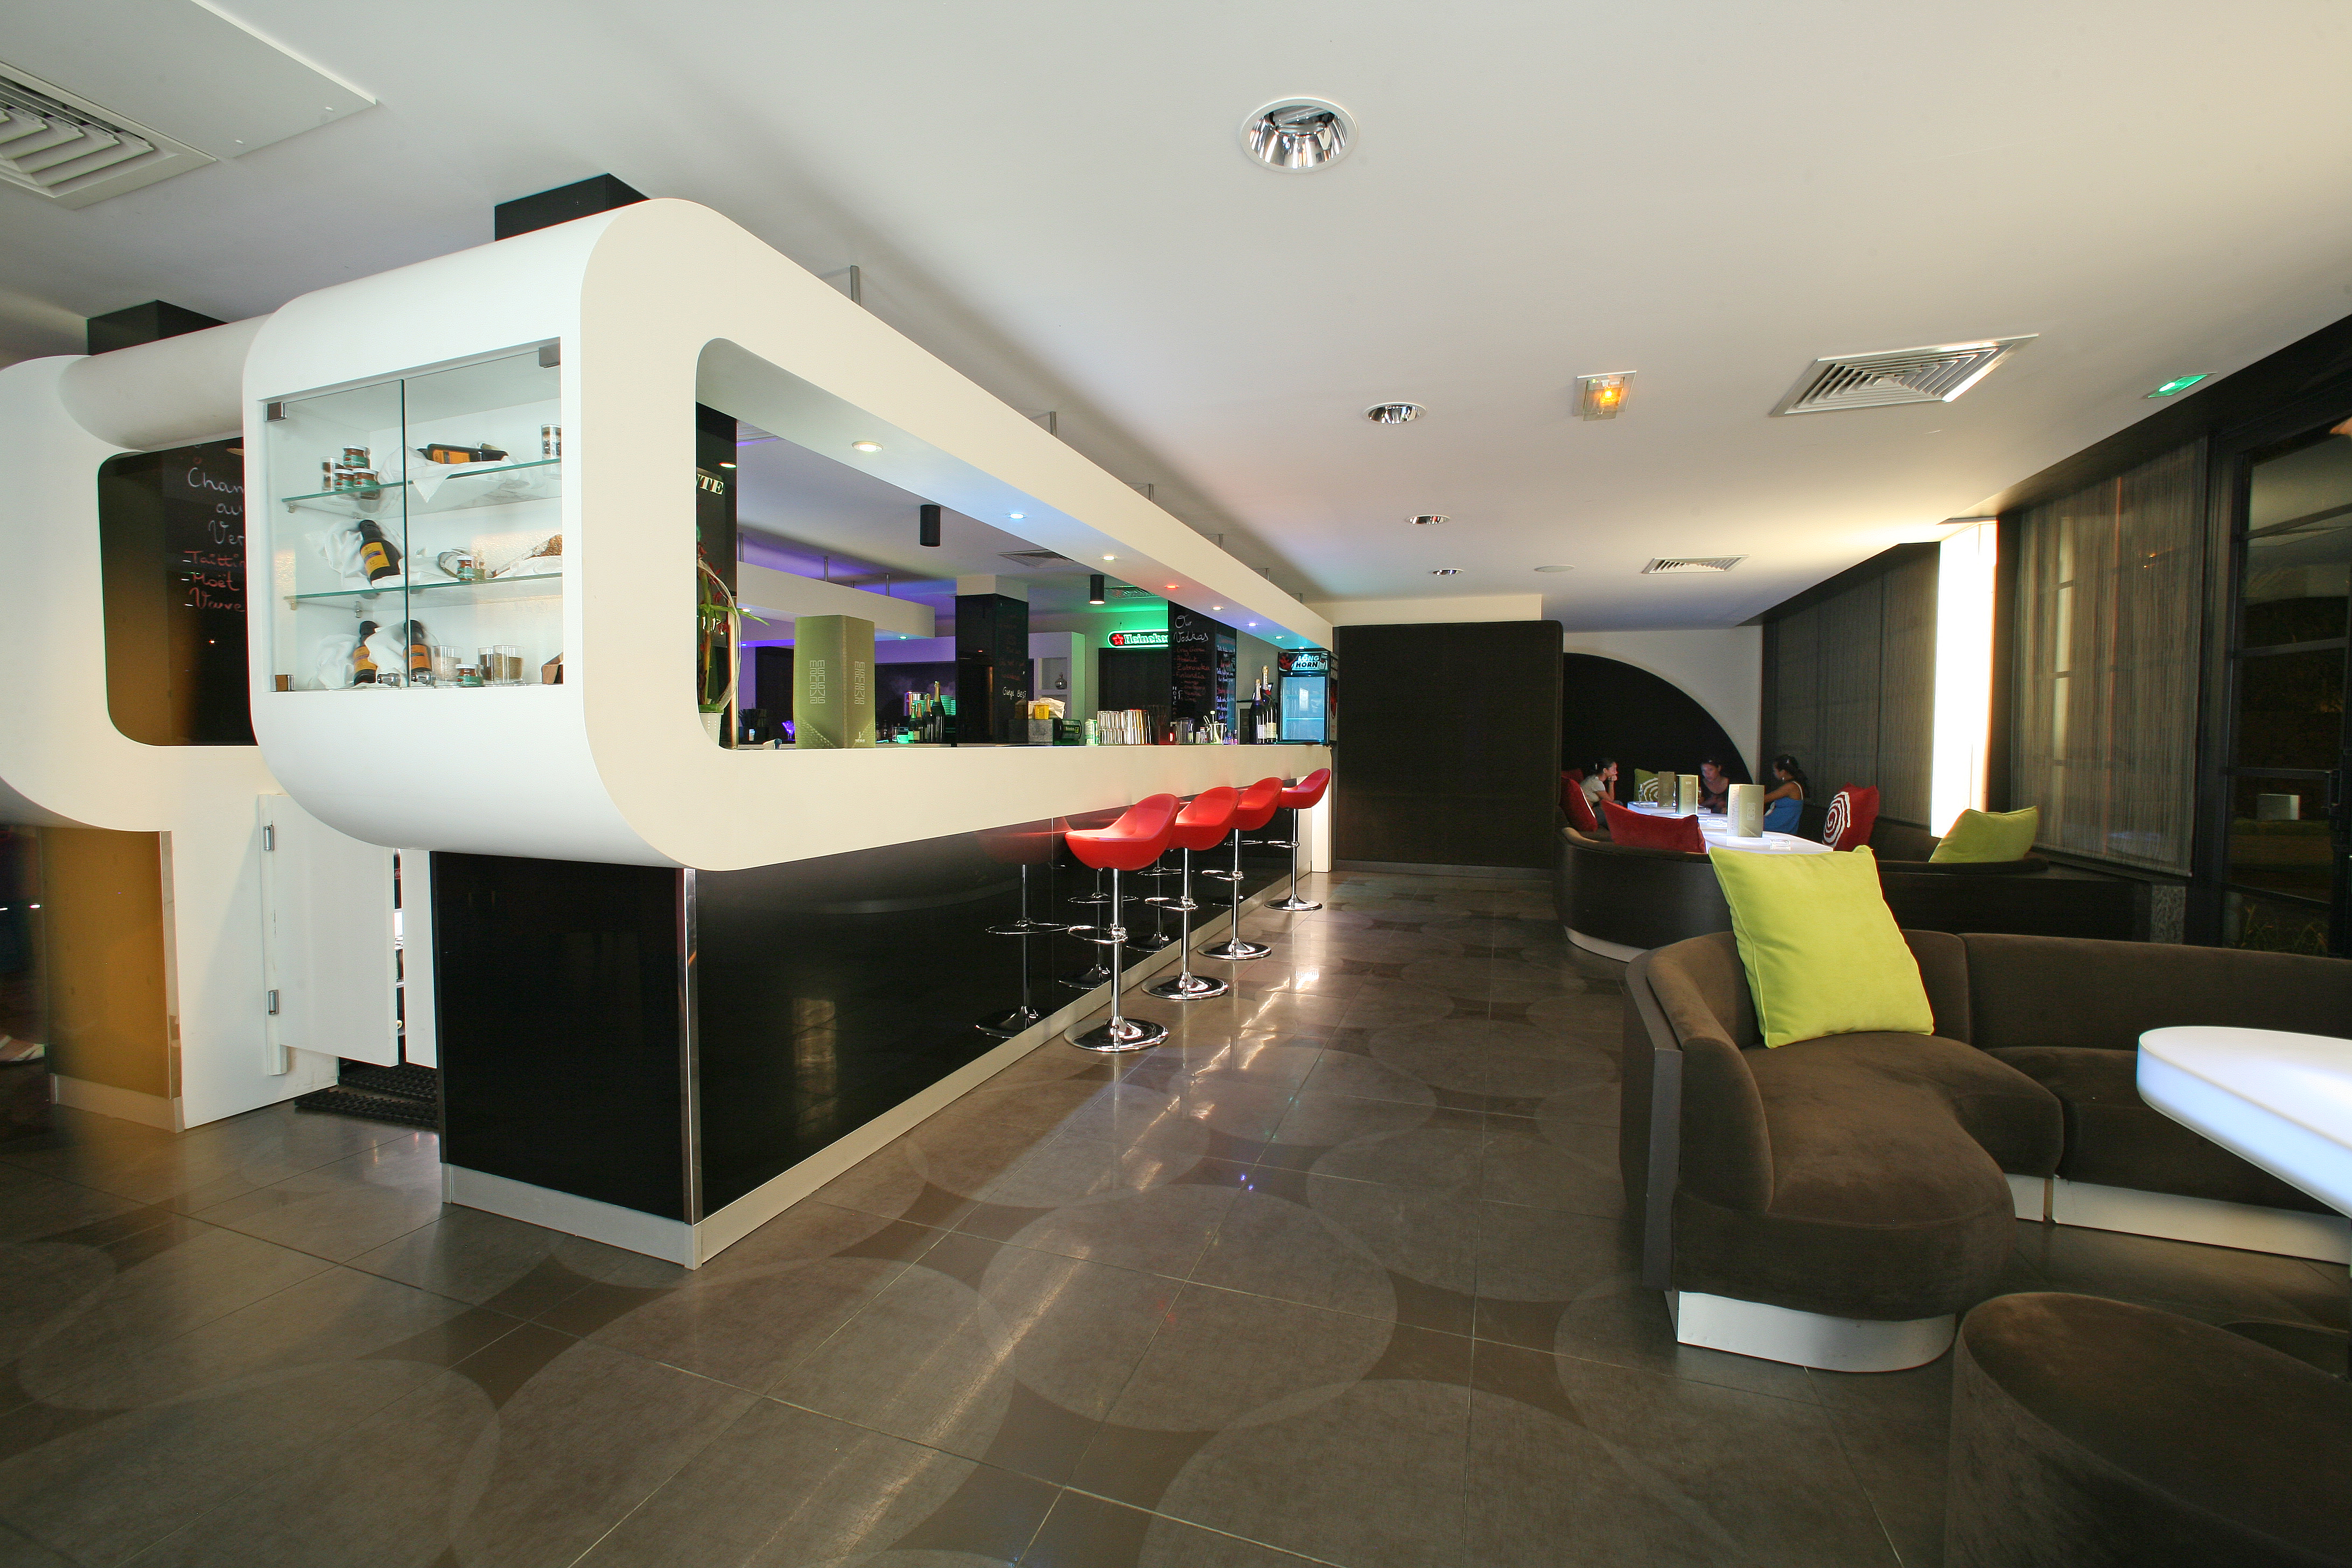 https://tahititourisme.uk/wp-content/uploads/2018/03/RESTAURATION-Punavai-Lounge-Bar-1.jpg